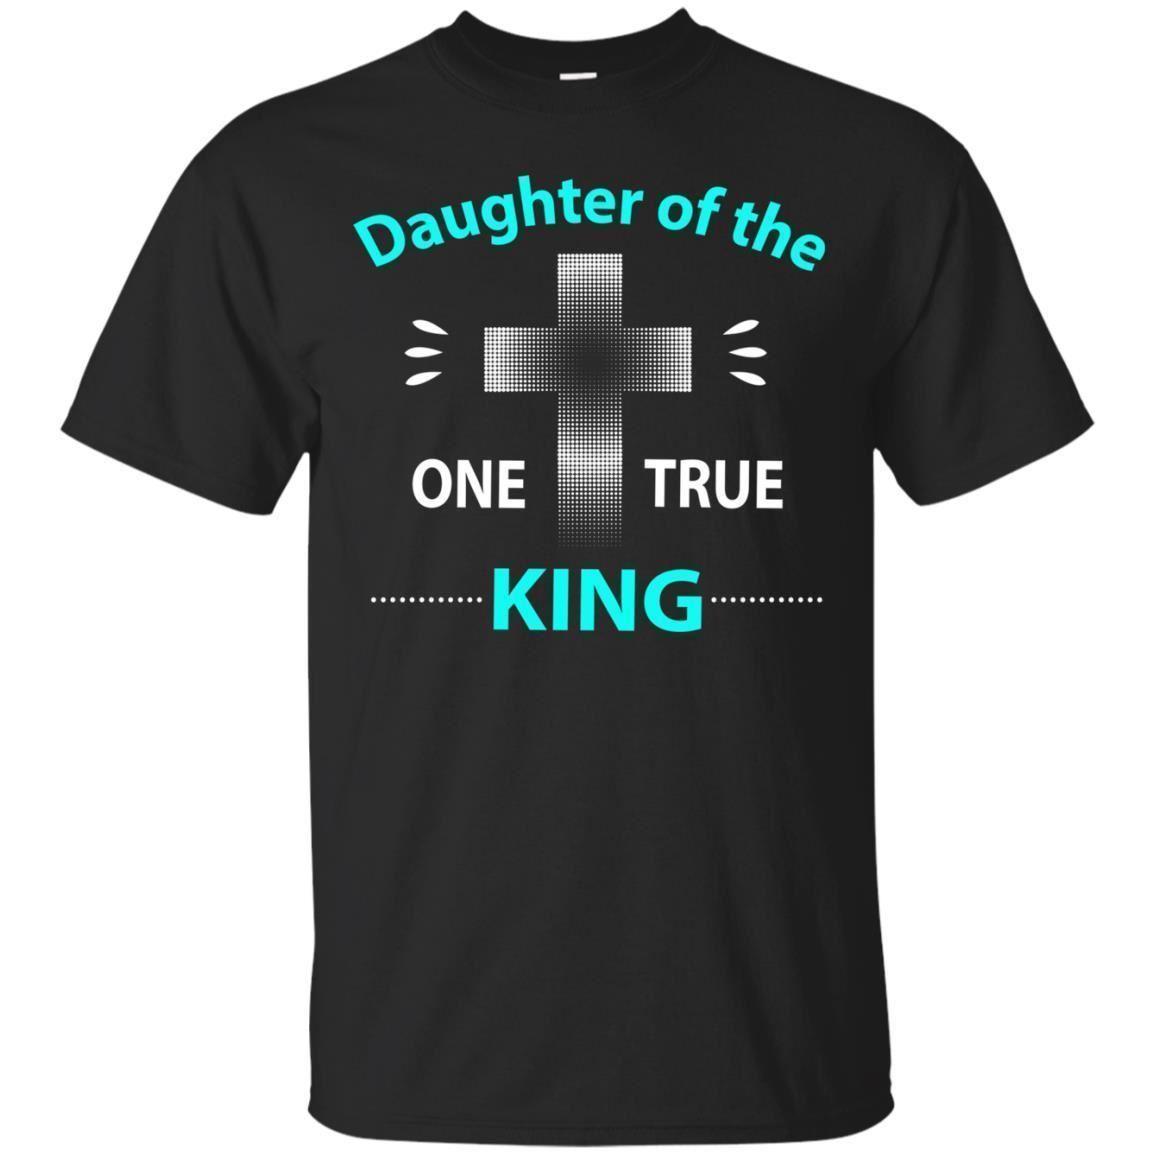 Compre Camisas Cristãs Filha Um Verdadeiro Rei Jesus Criança Deus Marinha  Preta Camiseta S 3XL Nova Moda Mens Camisa De Manga Curta T De Algodão  Camisetas ... 787eebb1d1ba7